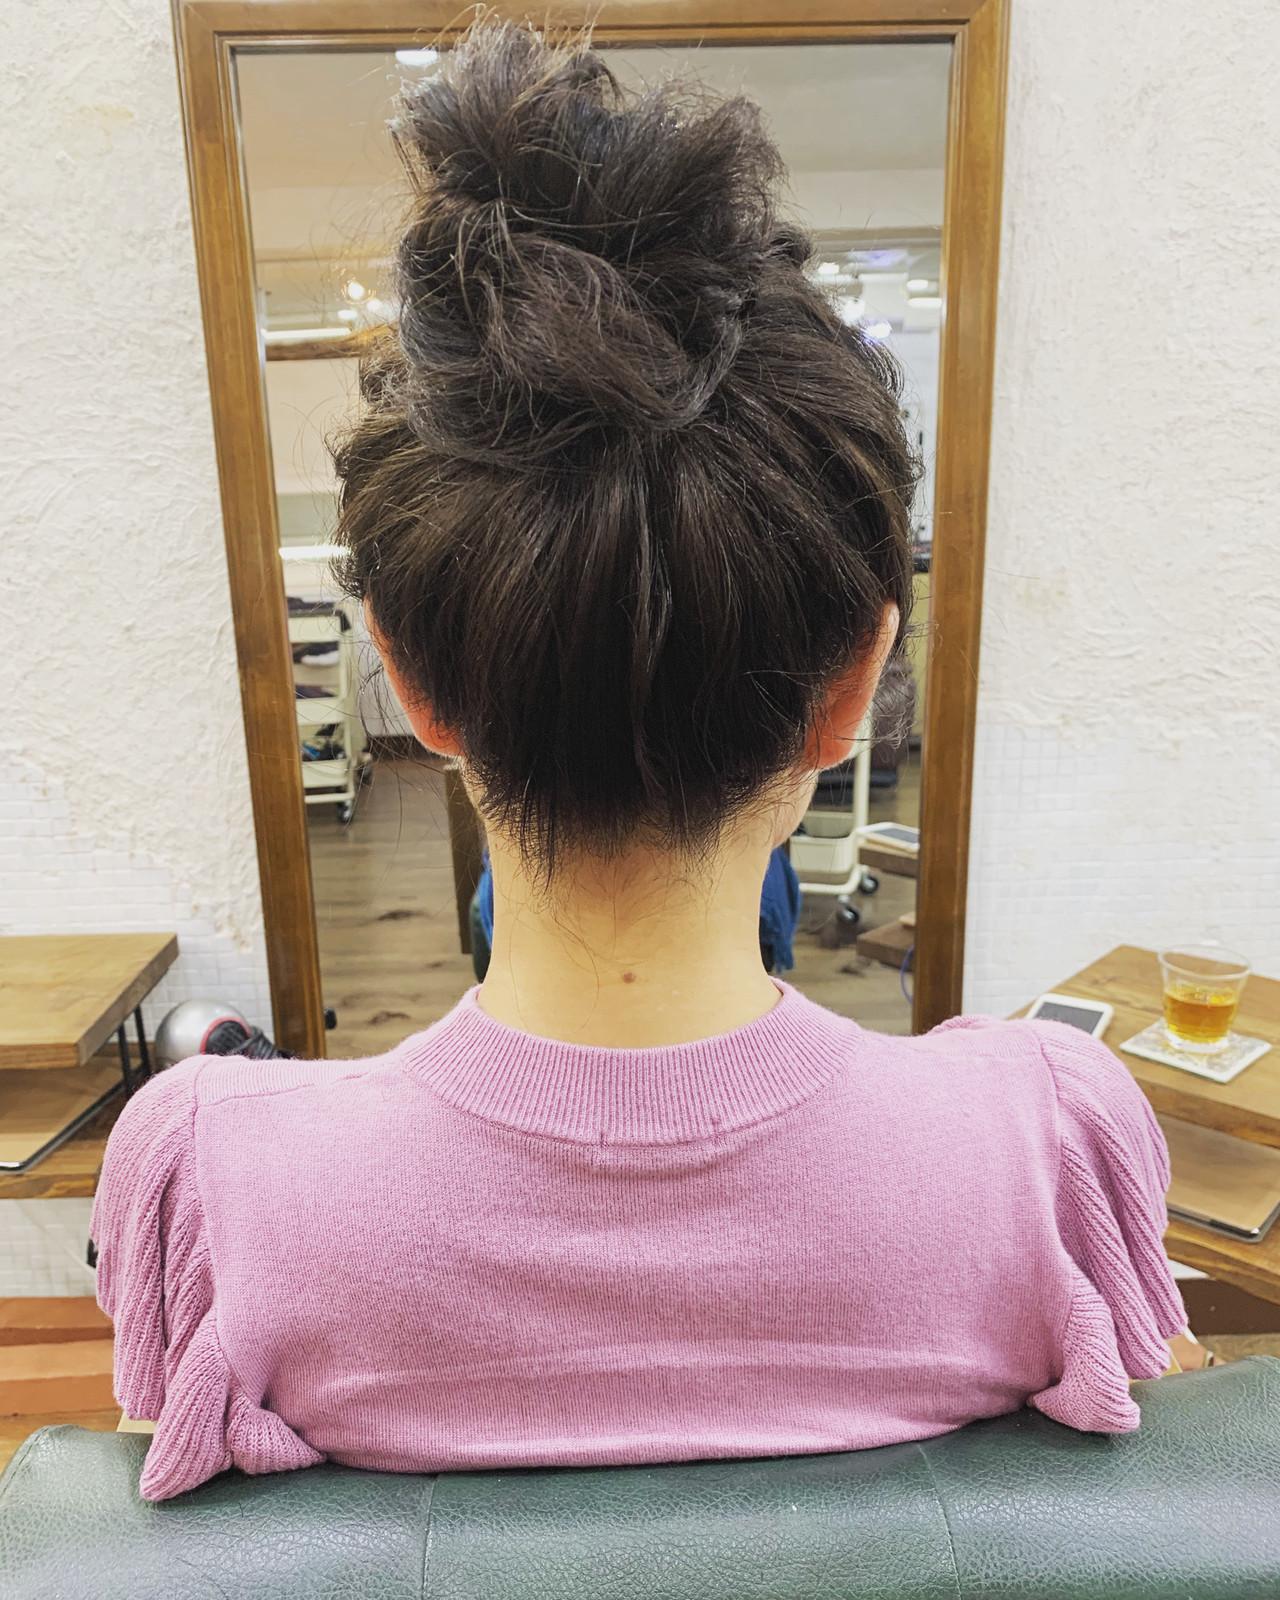 ラフ ナチュラル 簡単ヘアアレンジ お団子 ヘアスタイルや髪型の写真・画像